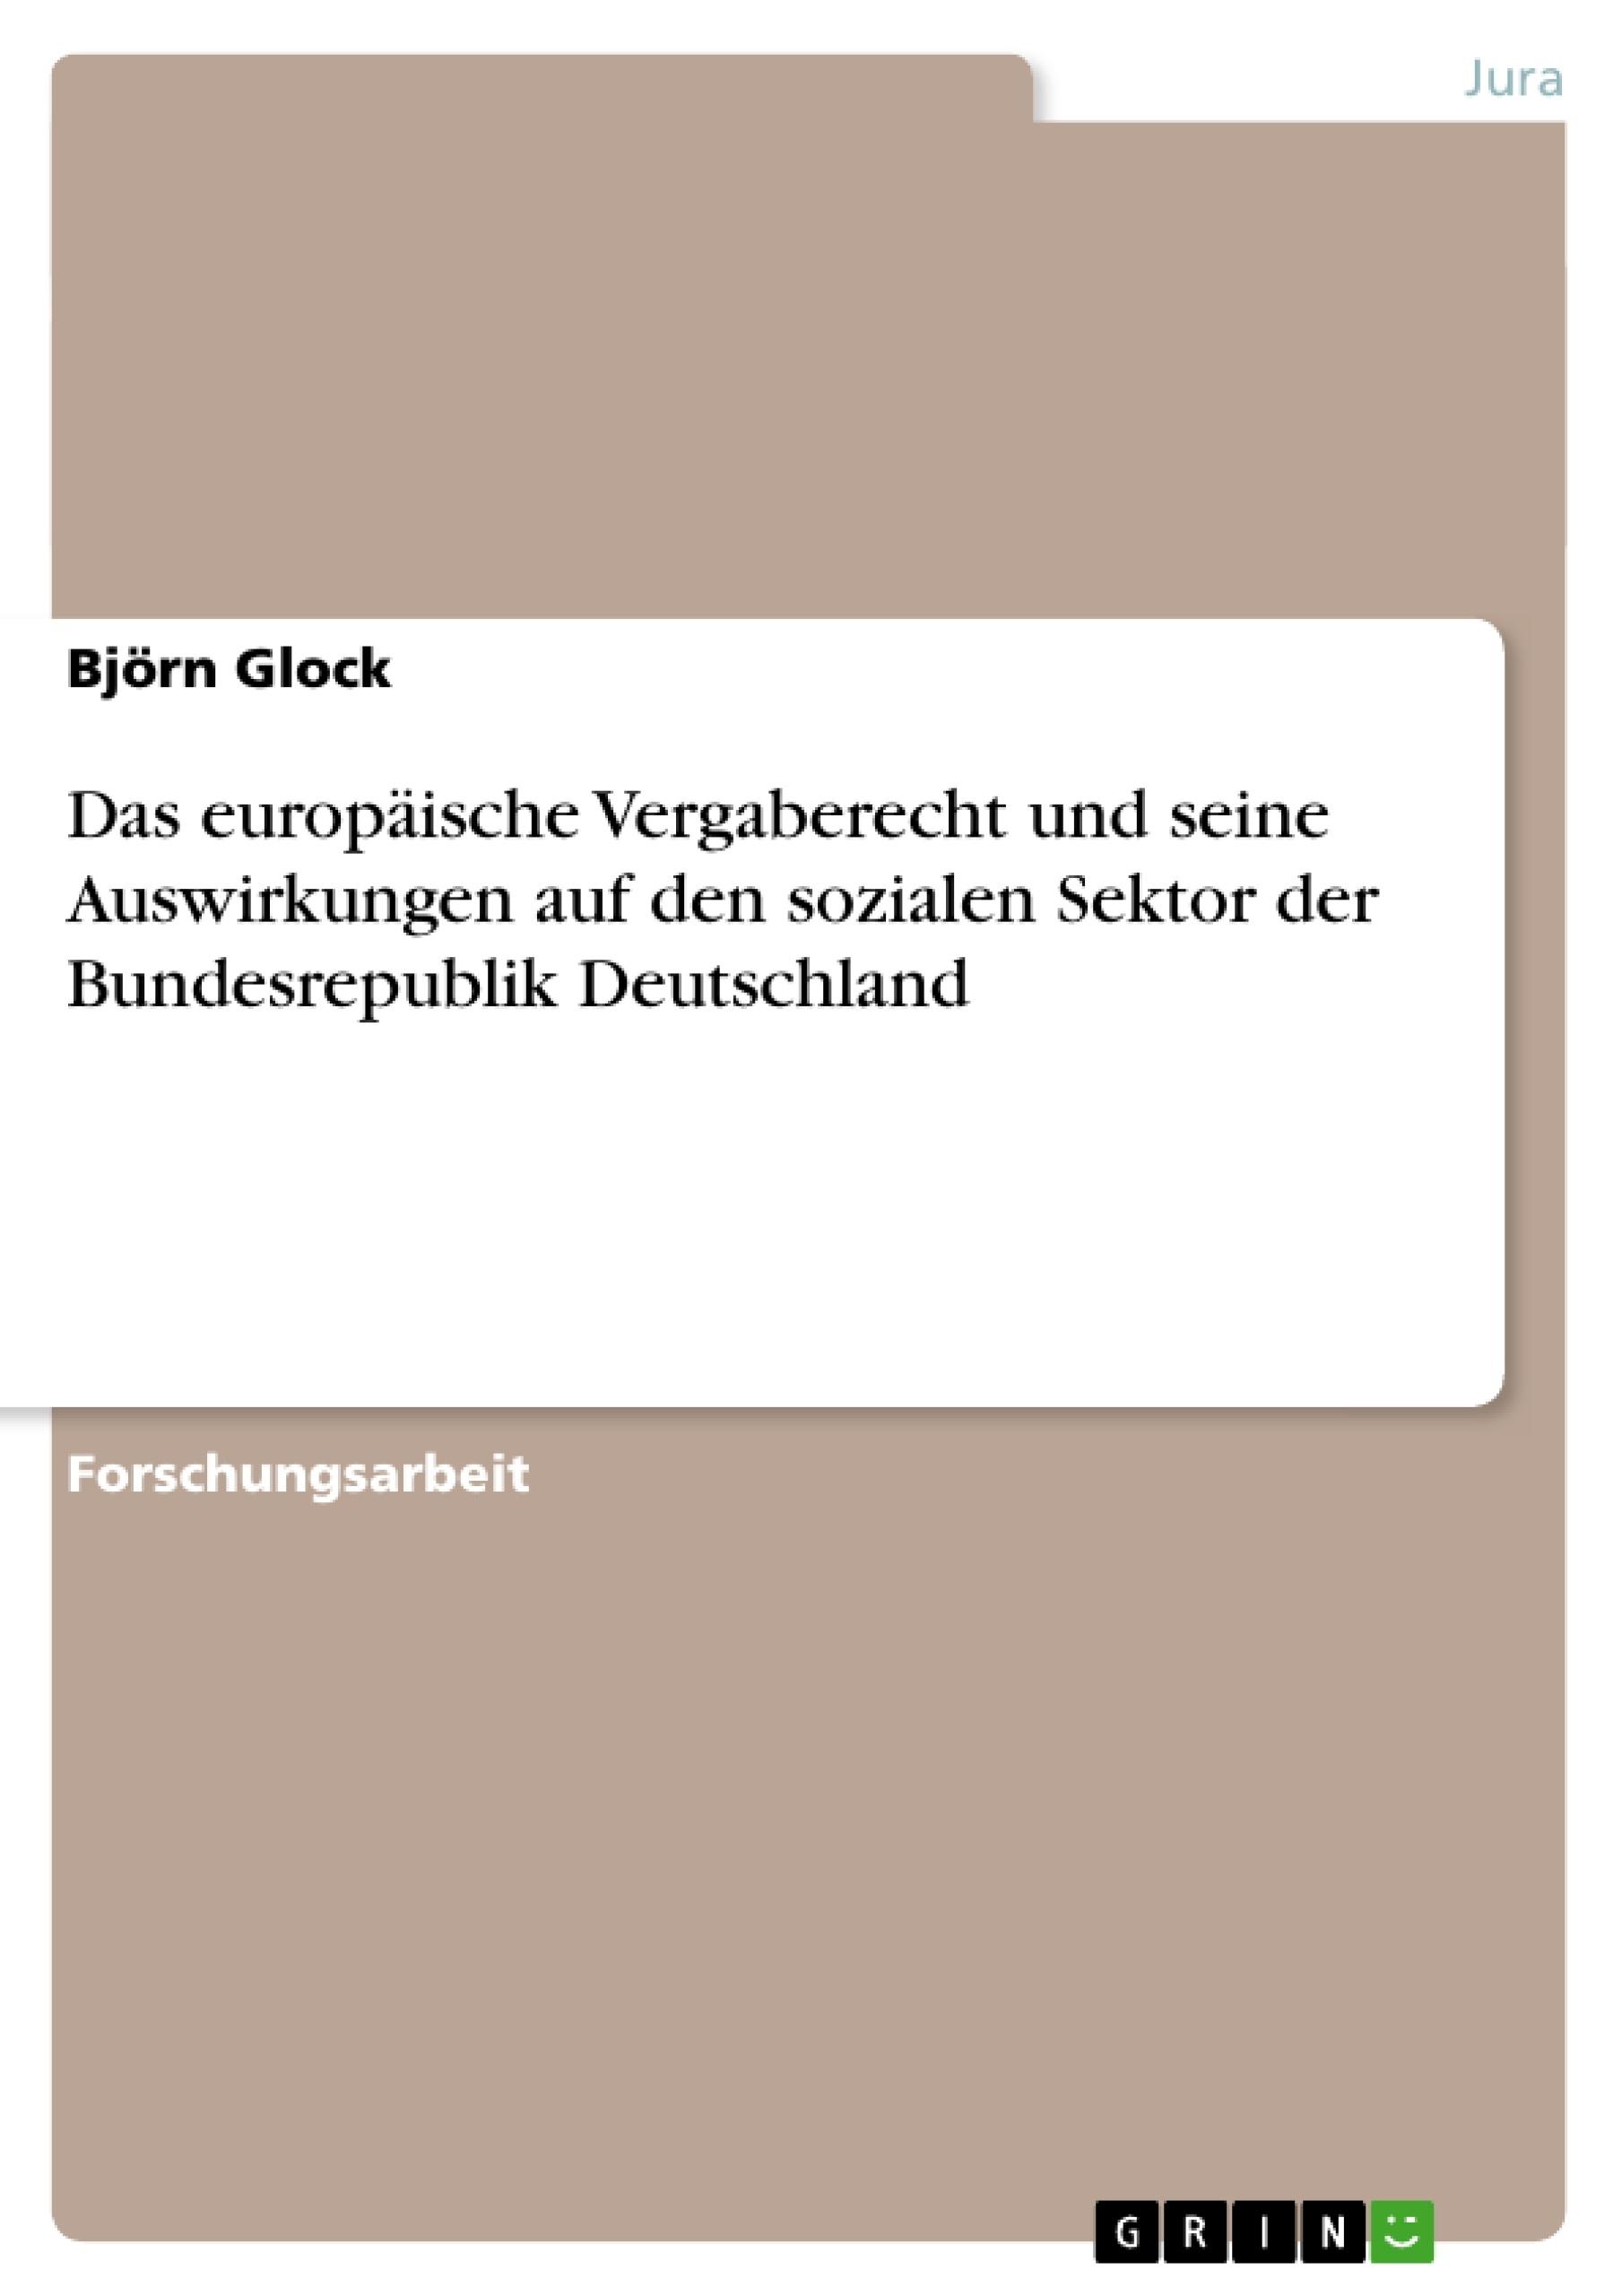 Titel: Das europäische Vergaberecht und seine Auswirkungen auf den sozialen Sektor der Bundesrepublik Deutschland